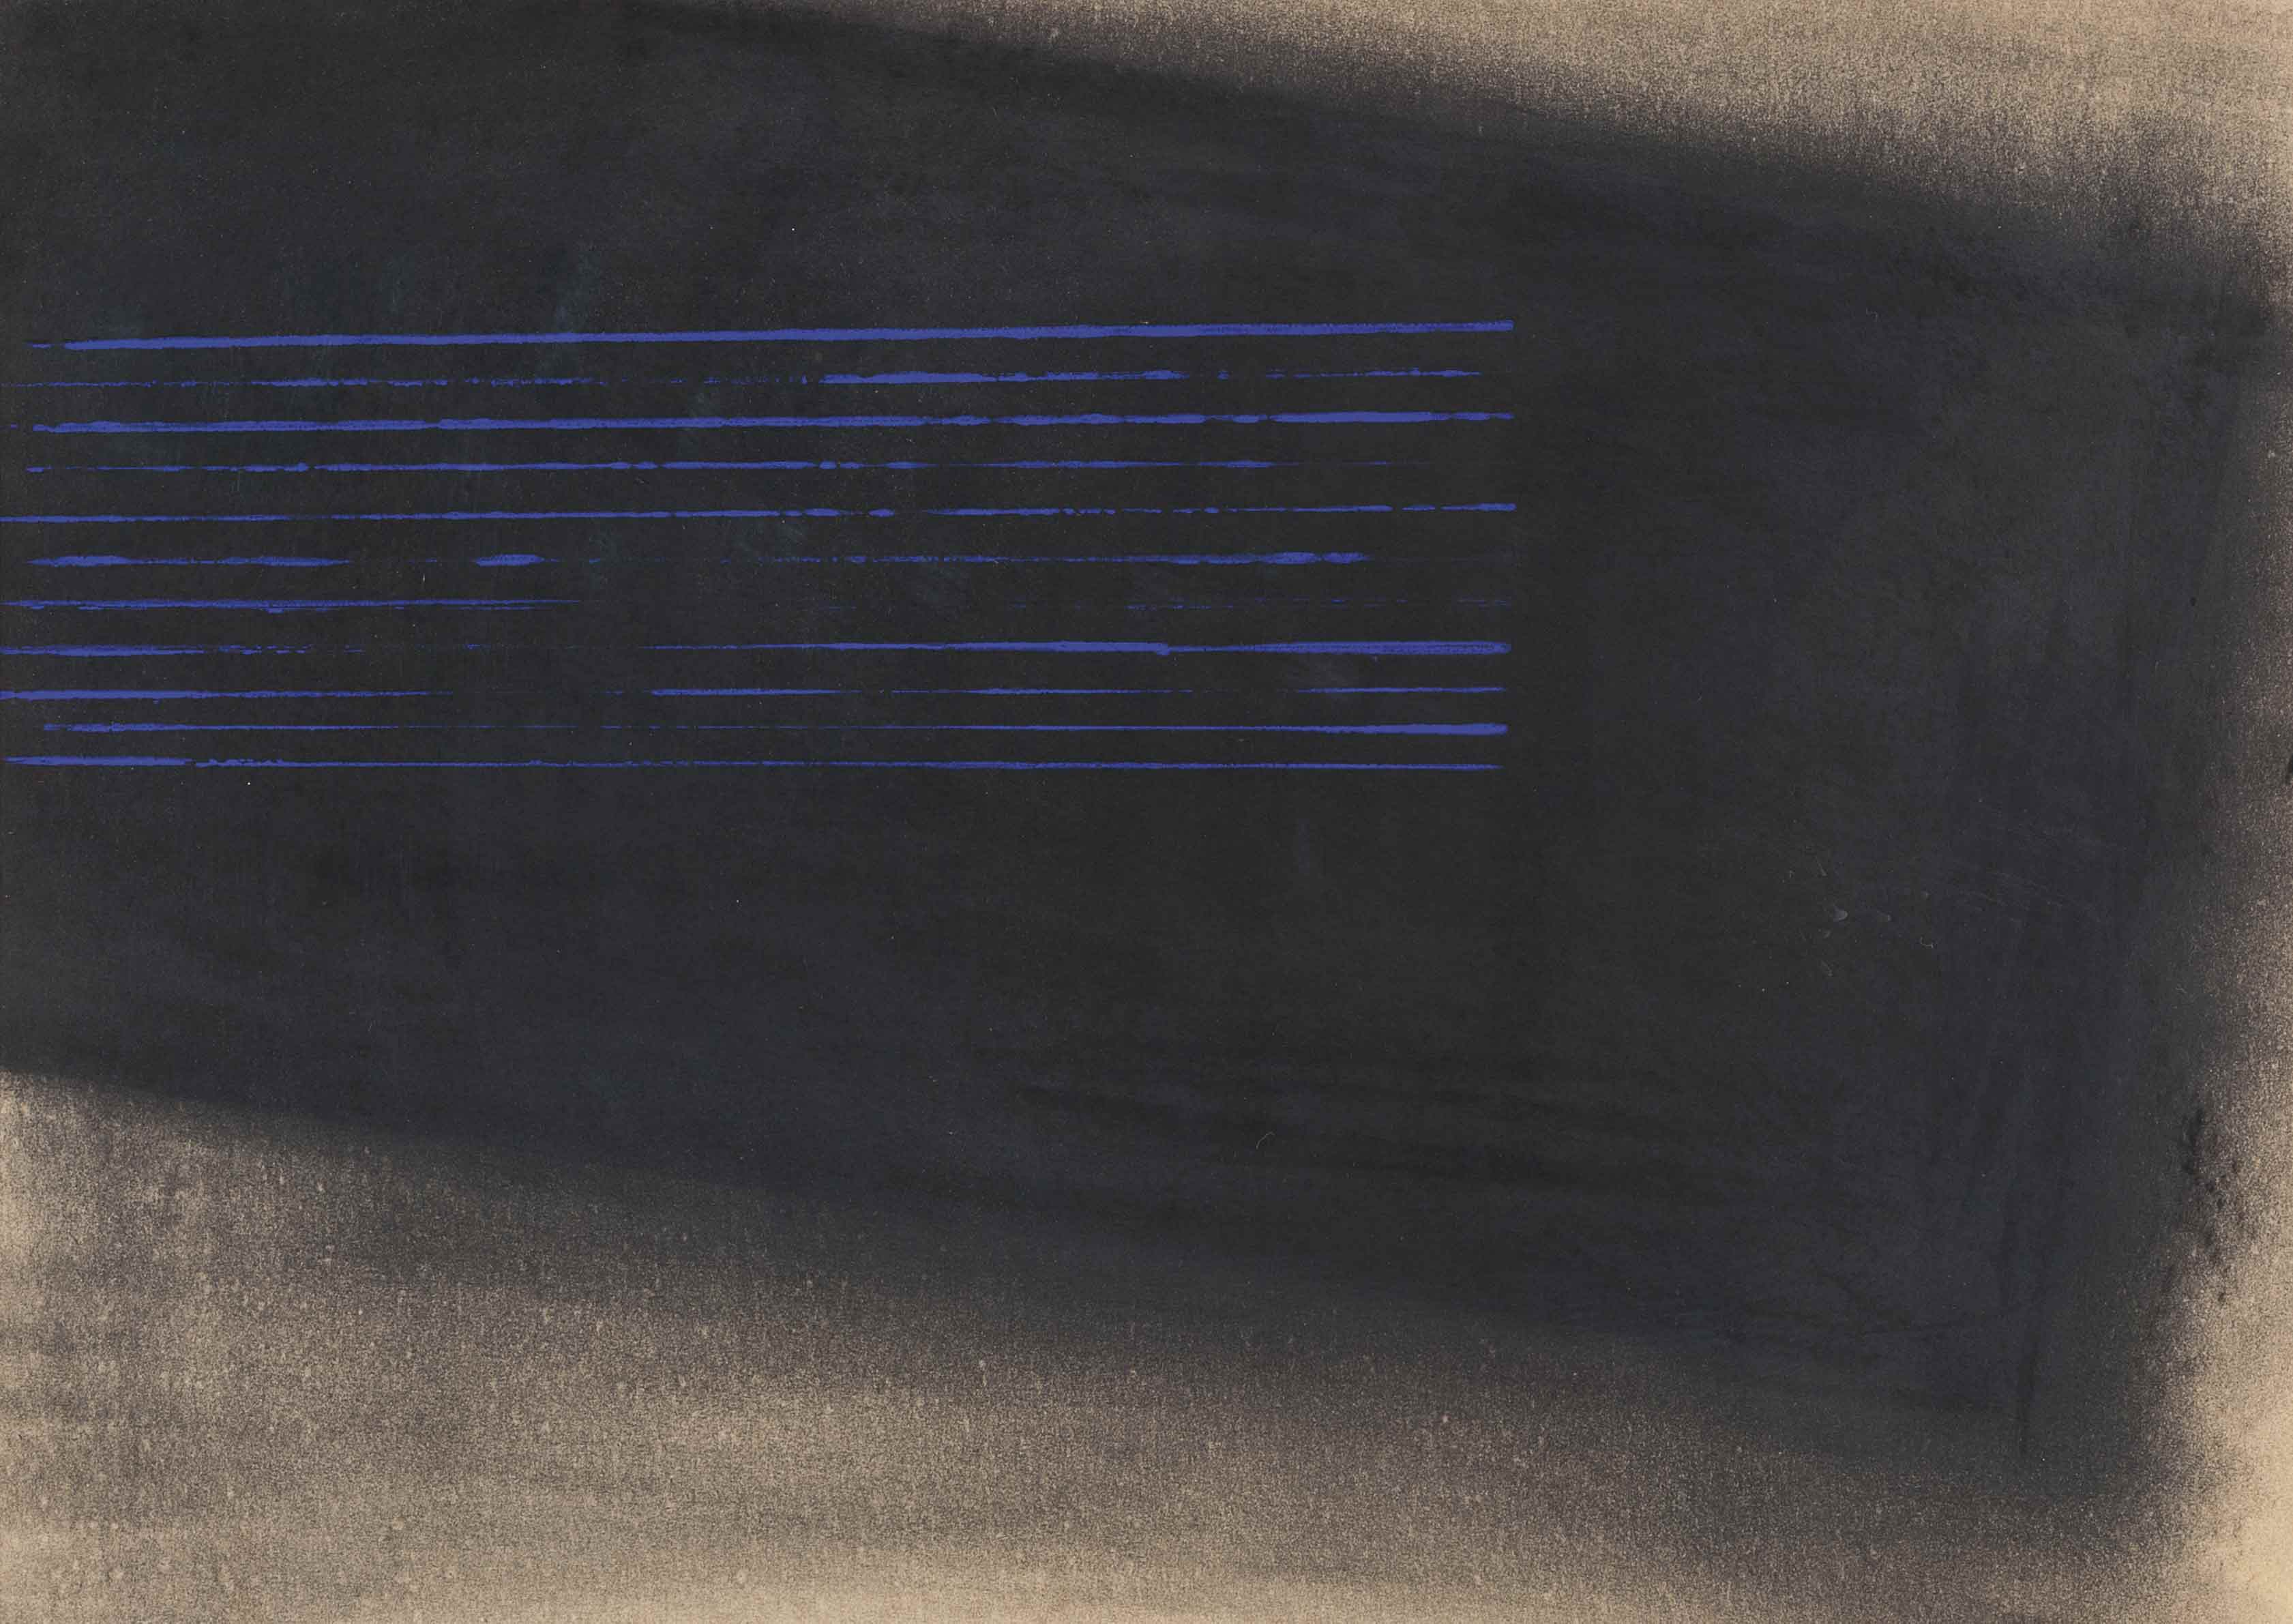 Senza titolo, 1990